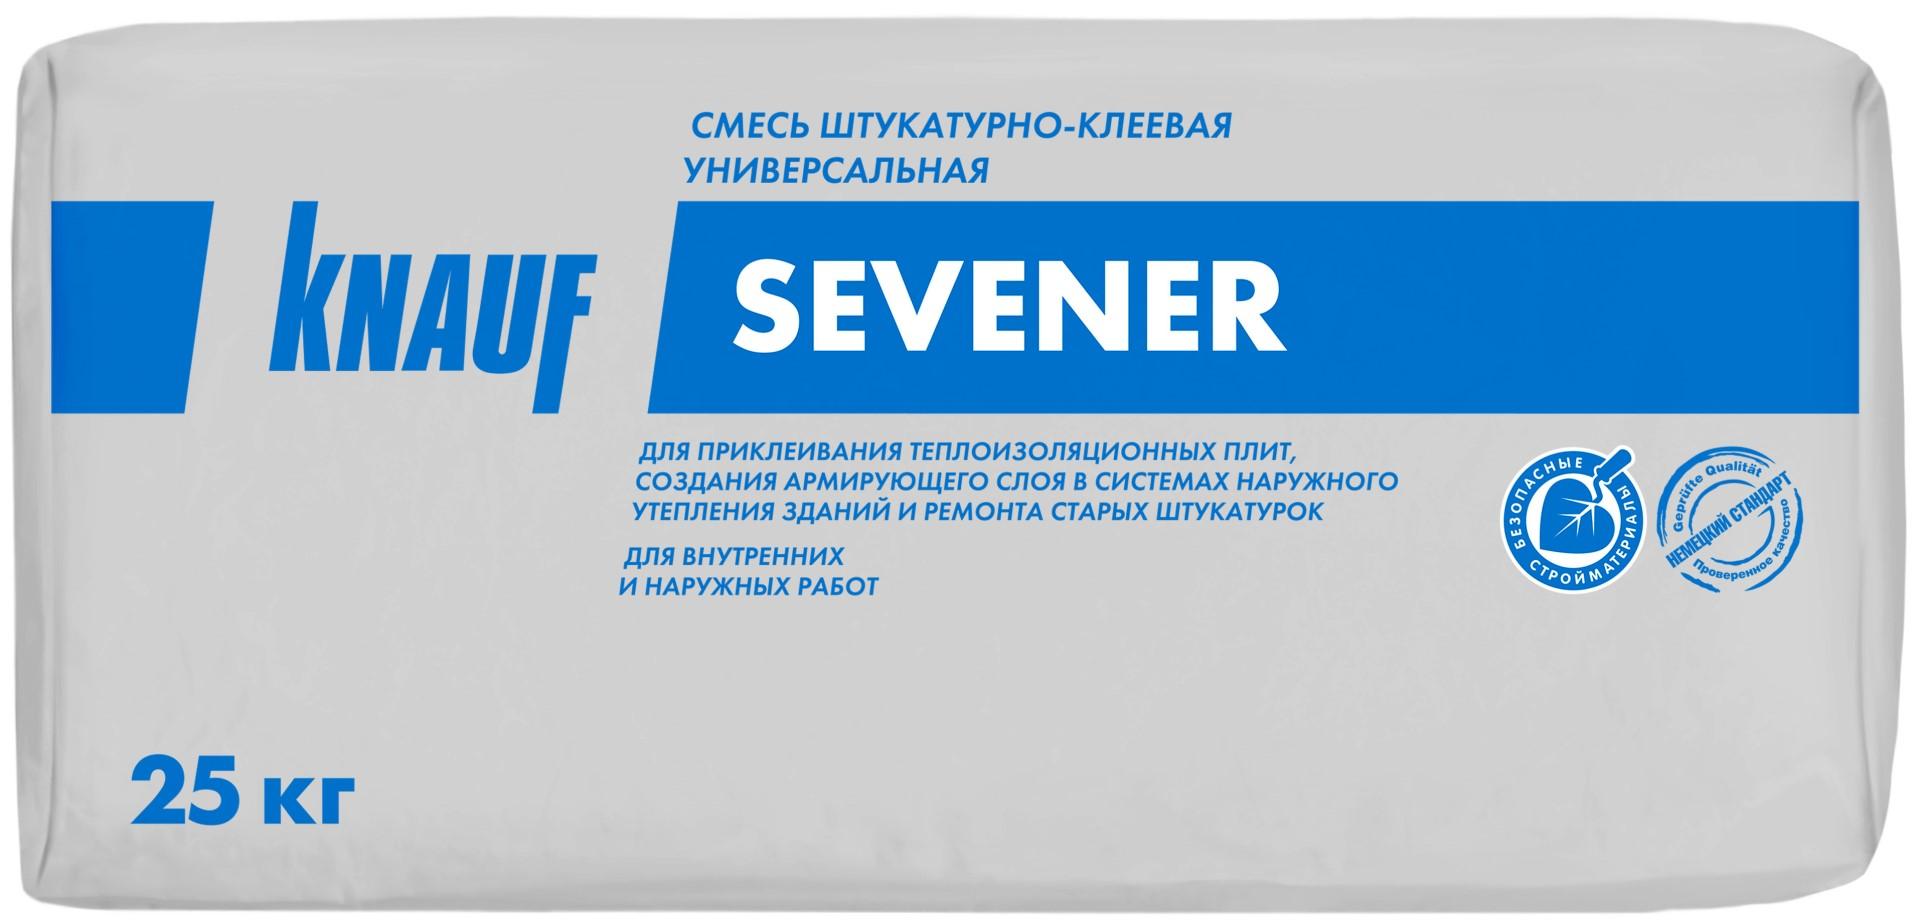 Купить Штукатурно-клеевая смесь Knauf Севенер, 25 кг — Фото №1